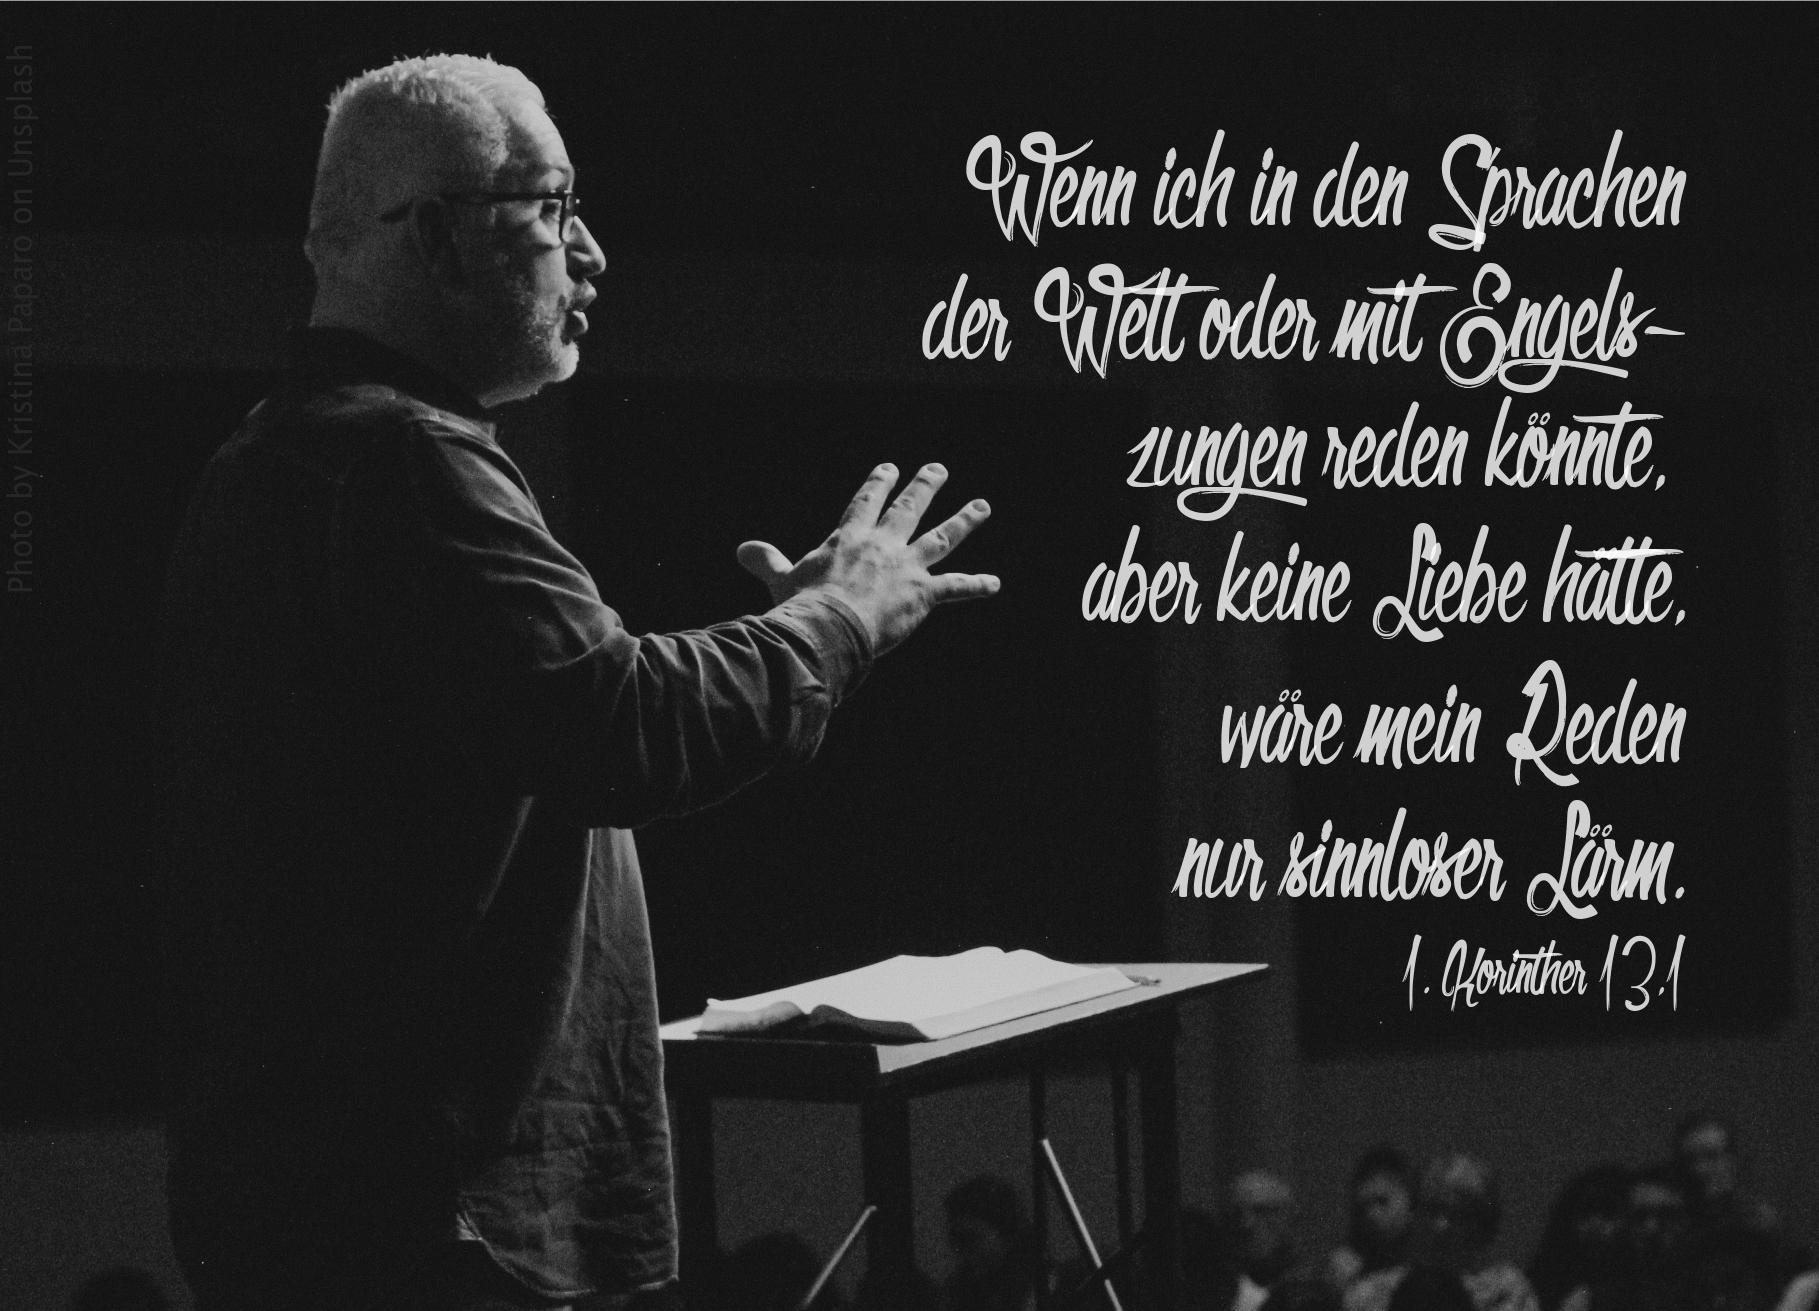 """alt=""""redner_am_pult_erwartet_bibelhoerbuch_das_groesste_ist_die_liebe"""""""